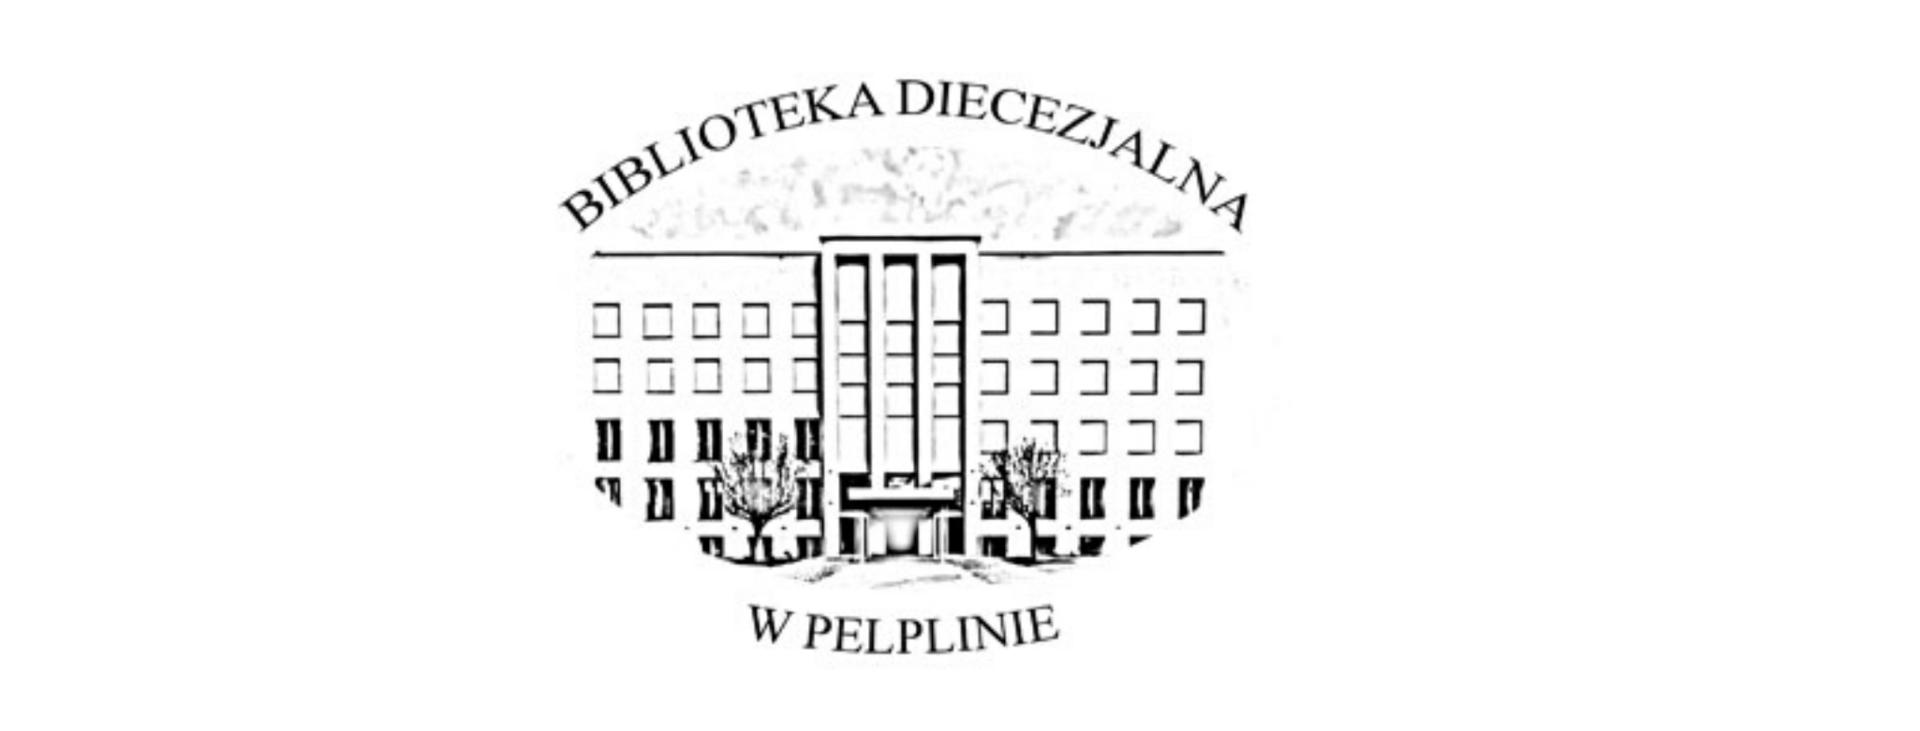 logo Biblioteka Diecezjalna [2050x780]